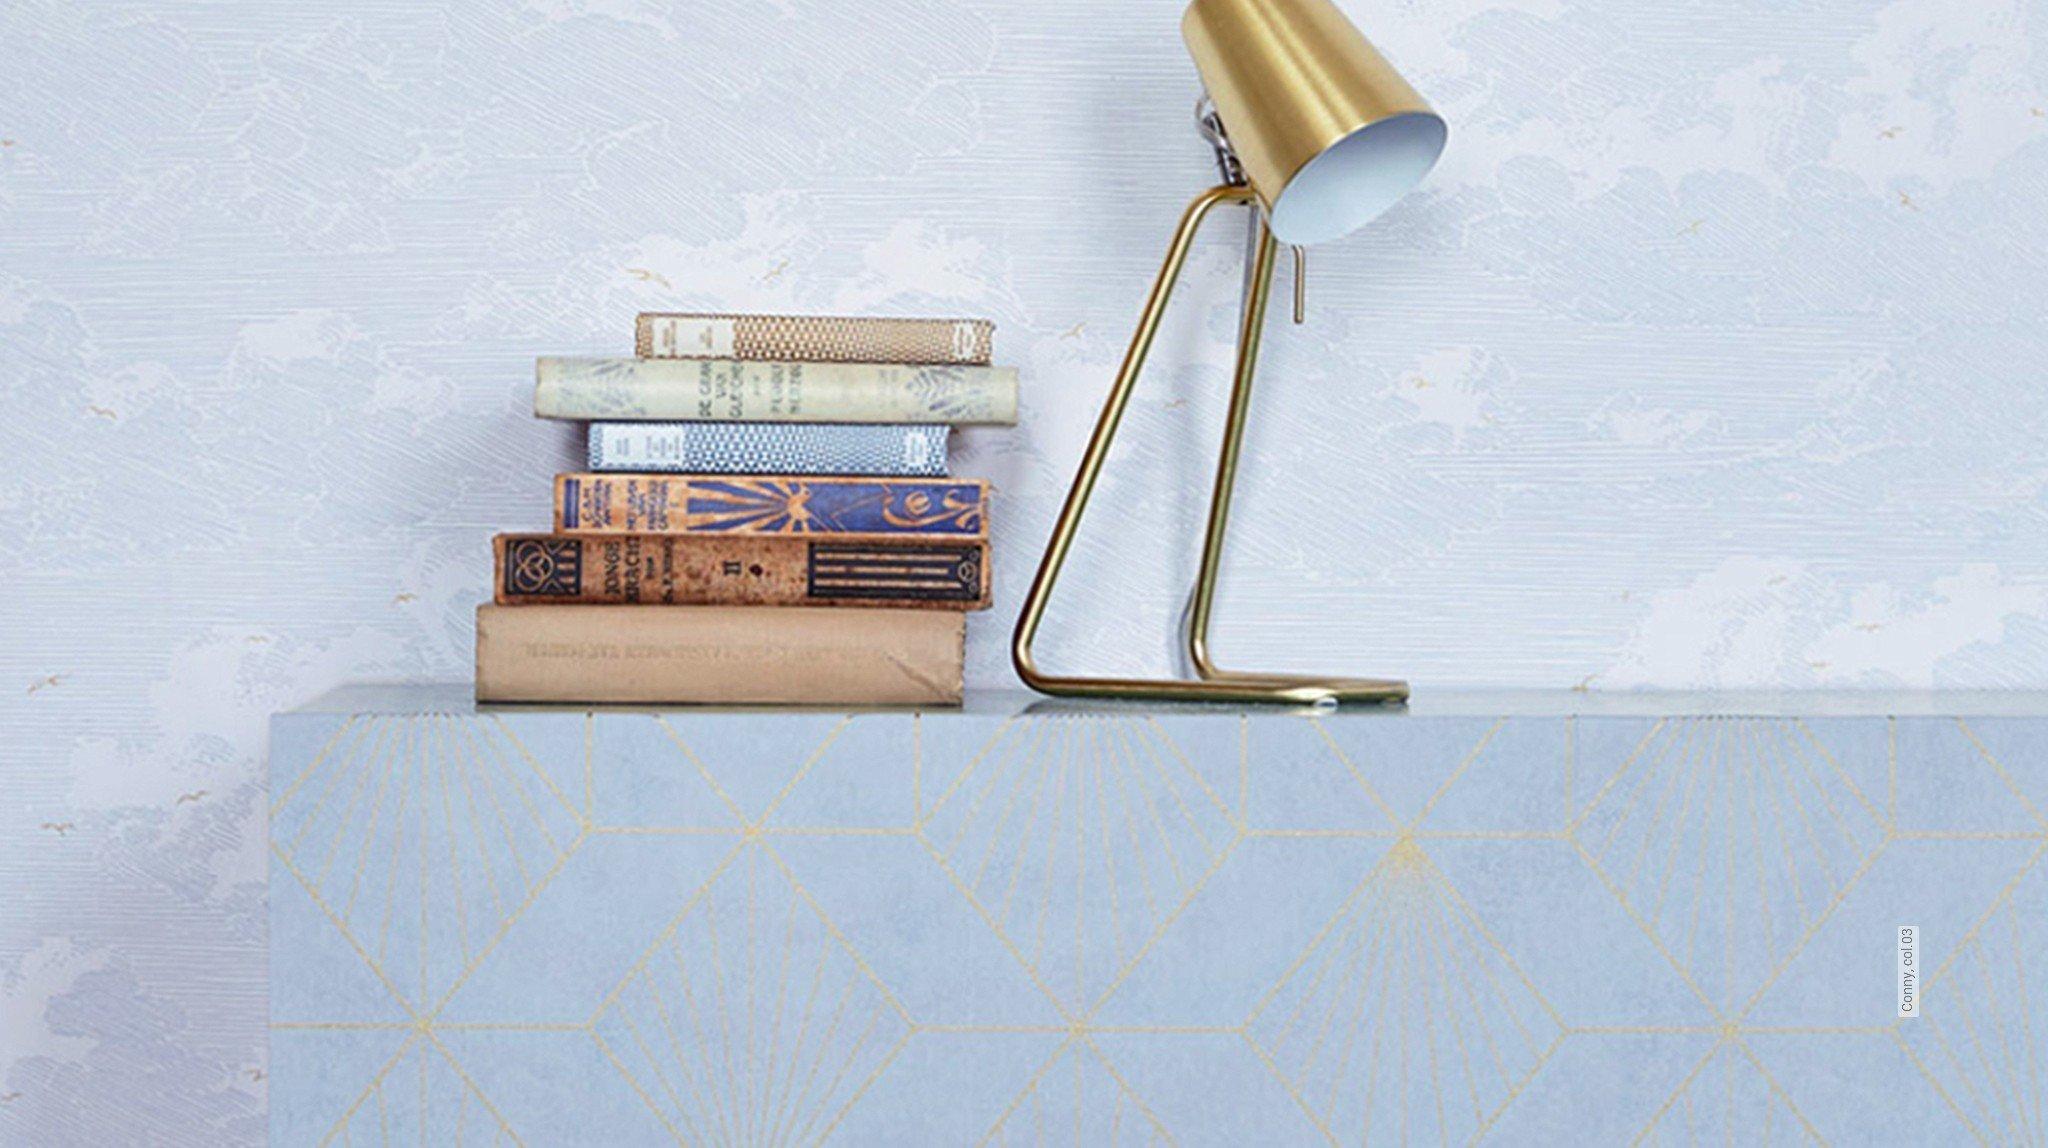 moderne muster skandinavisches design tapeten lust auf was neues. Black Bedroom Furniture Sets. Home Design Ideas